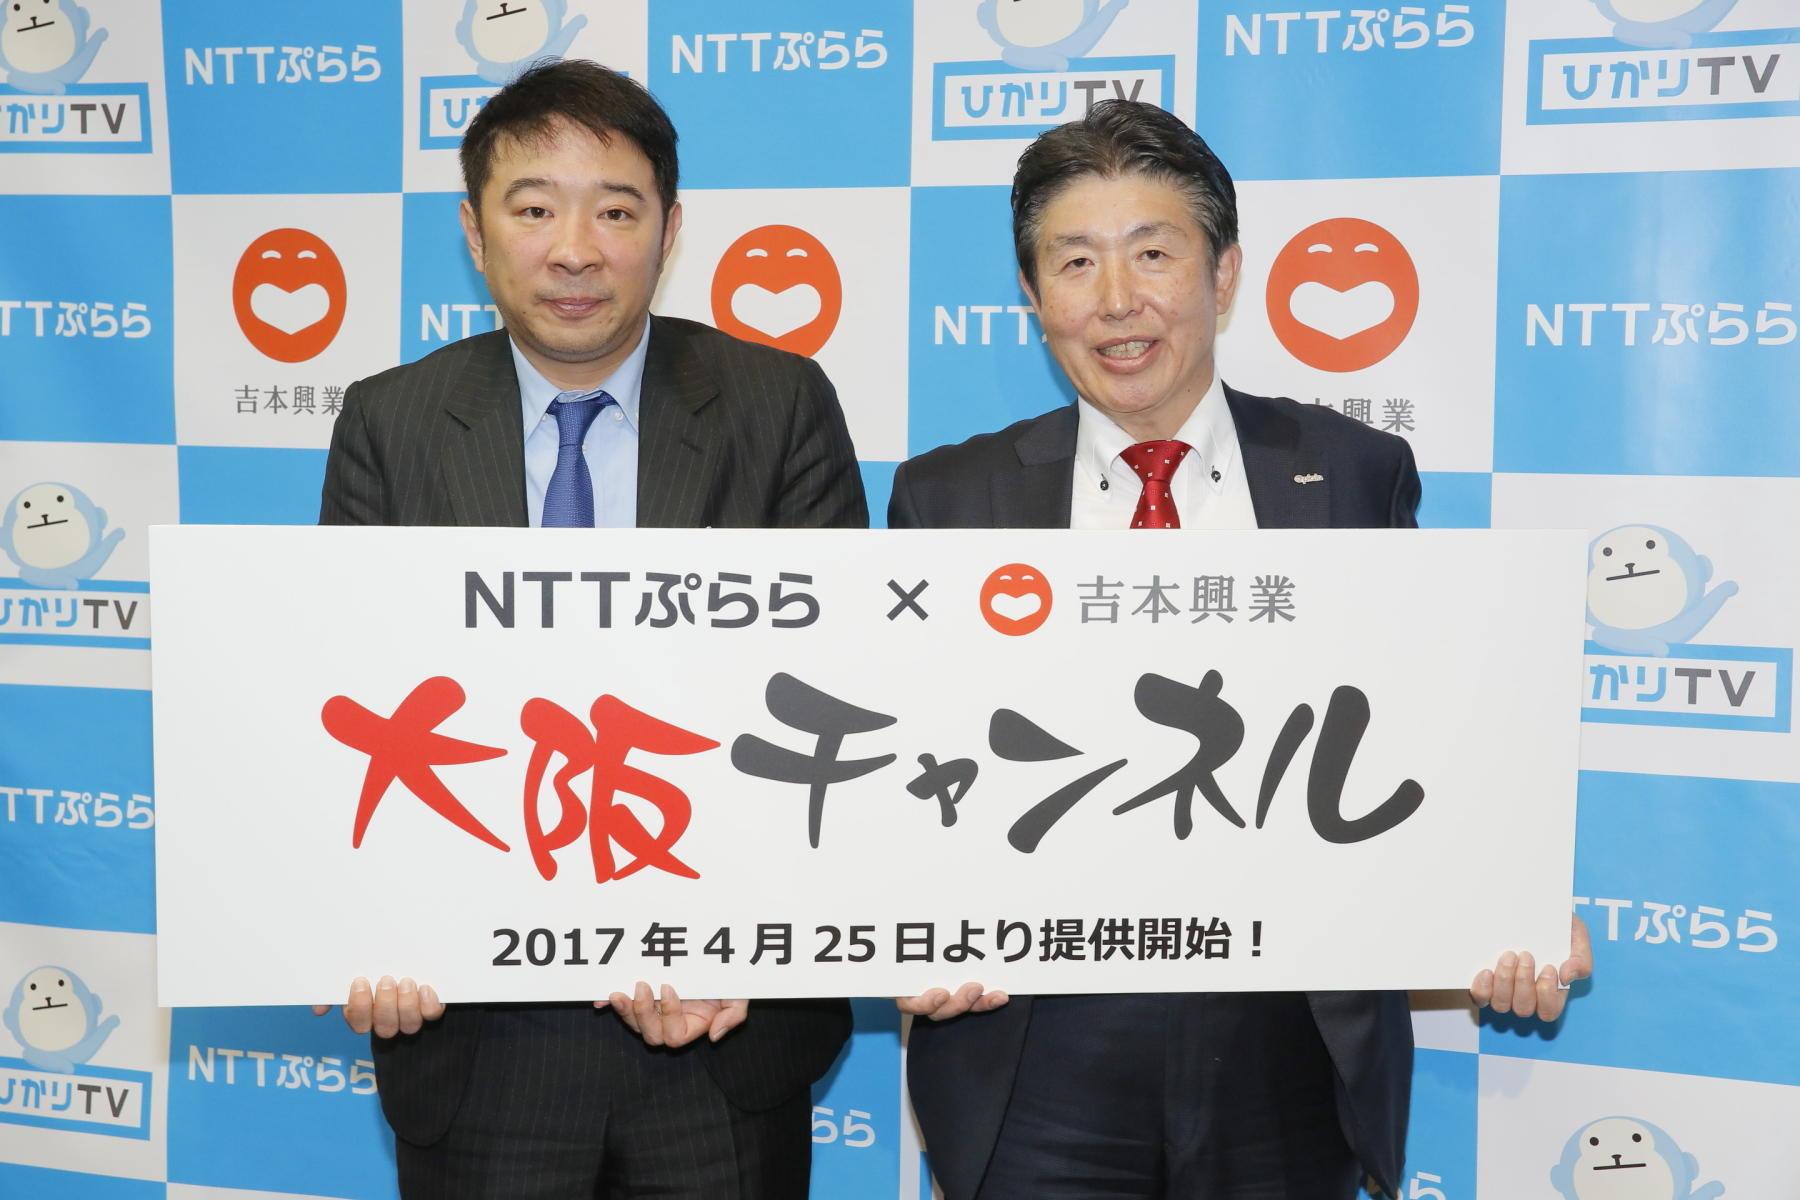 http://news.yoshimoto.co.jp/20170420224933-abf16a030bec637edce4b04b170c6aeb94336883.jpg